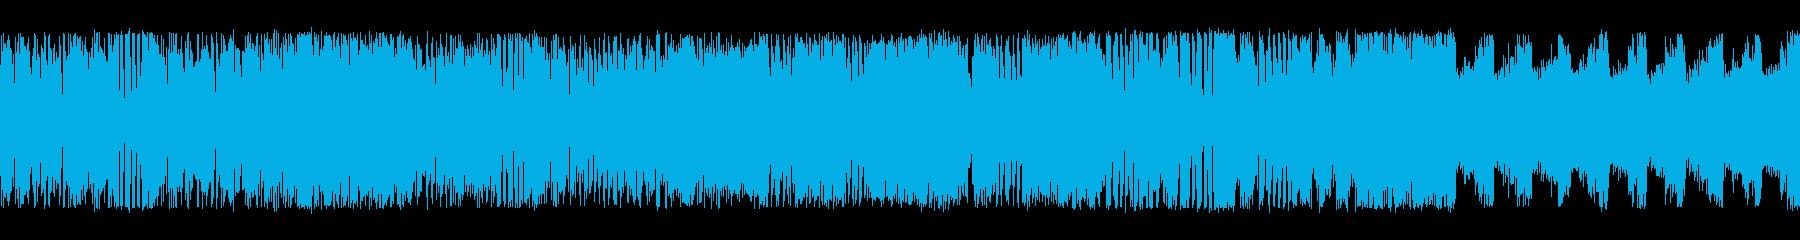 横スクアクションステージ風チップチューンの再生済みの波形